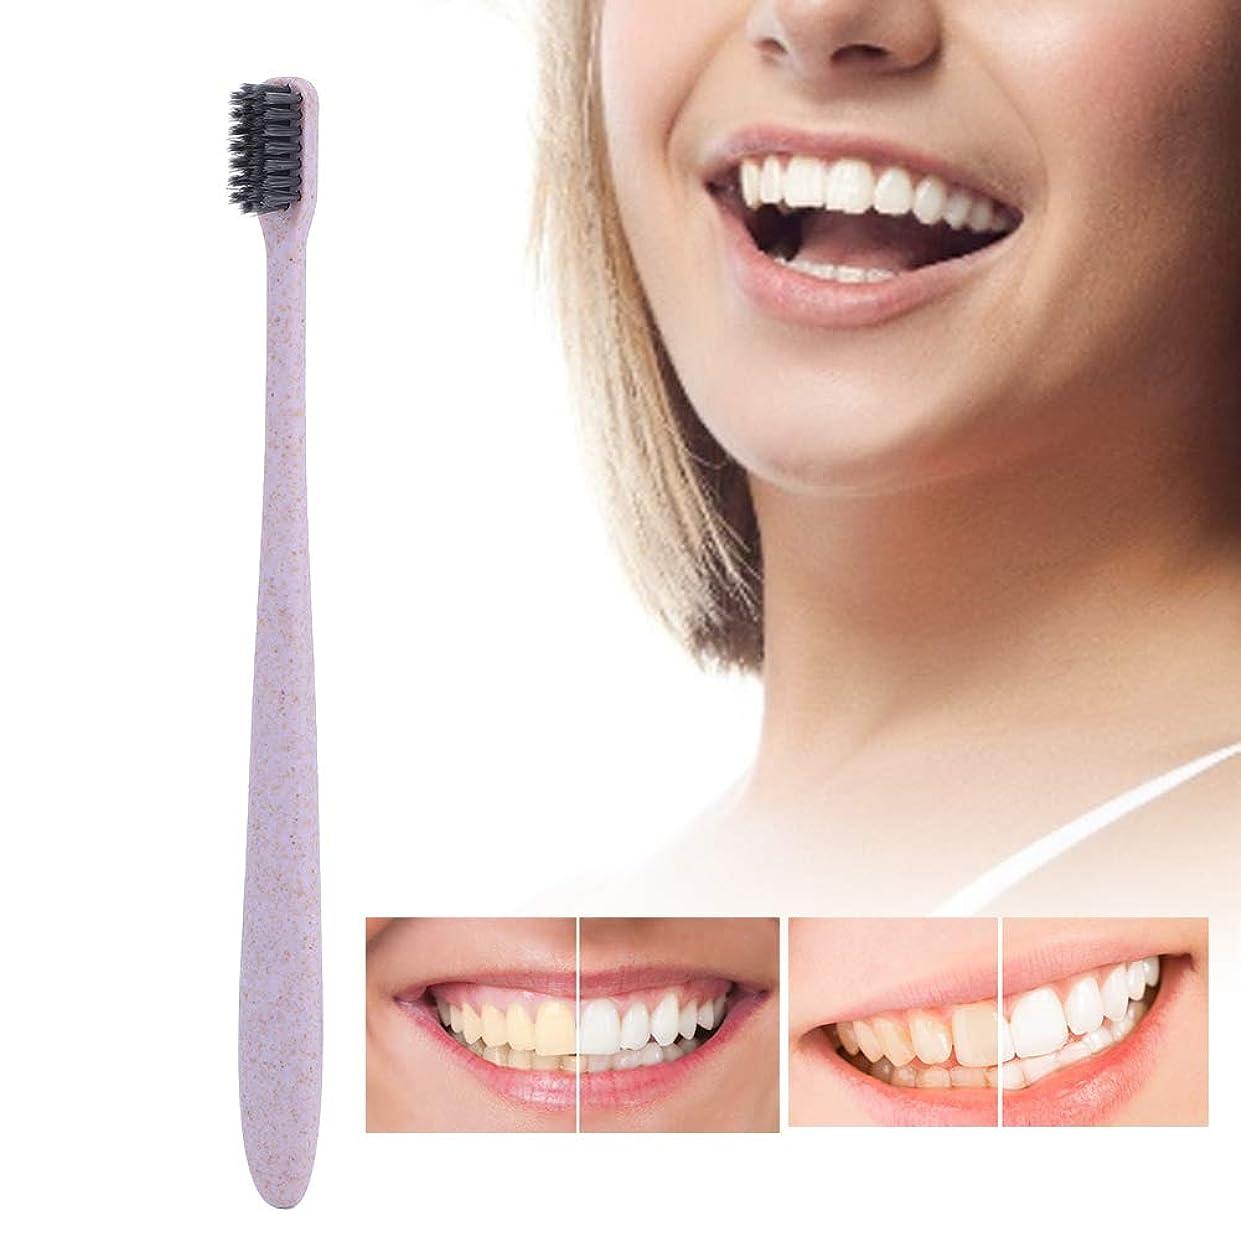 パトロール沈黙提供10ピース歯ブラシ、柔らかい竹炭ブラシ髪小麦ハンドル歯ブラシ大人の口腔ケア歯ブラシ